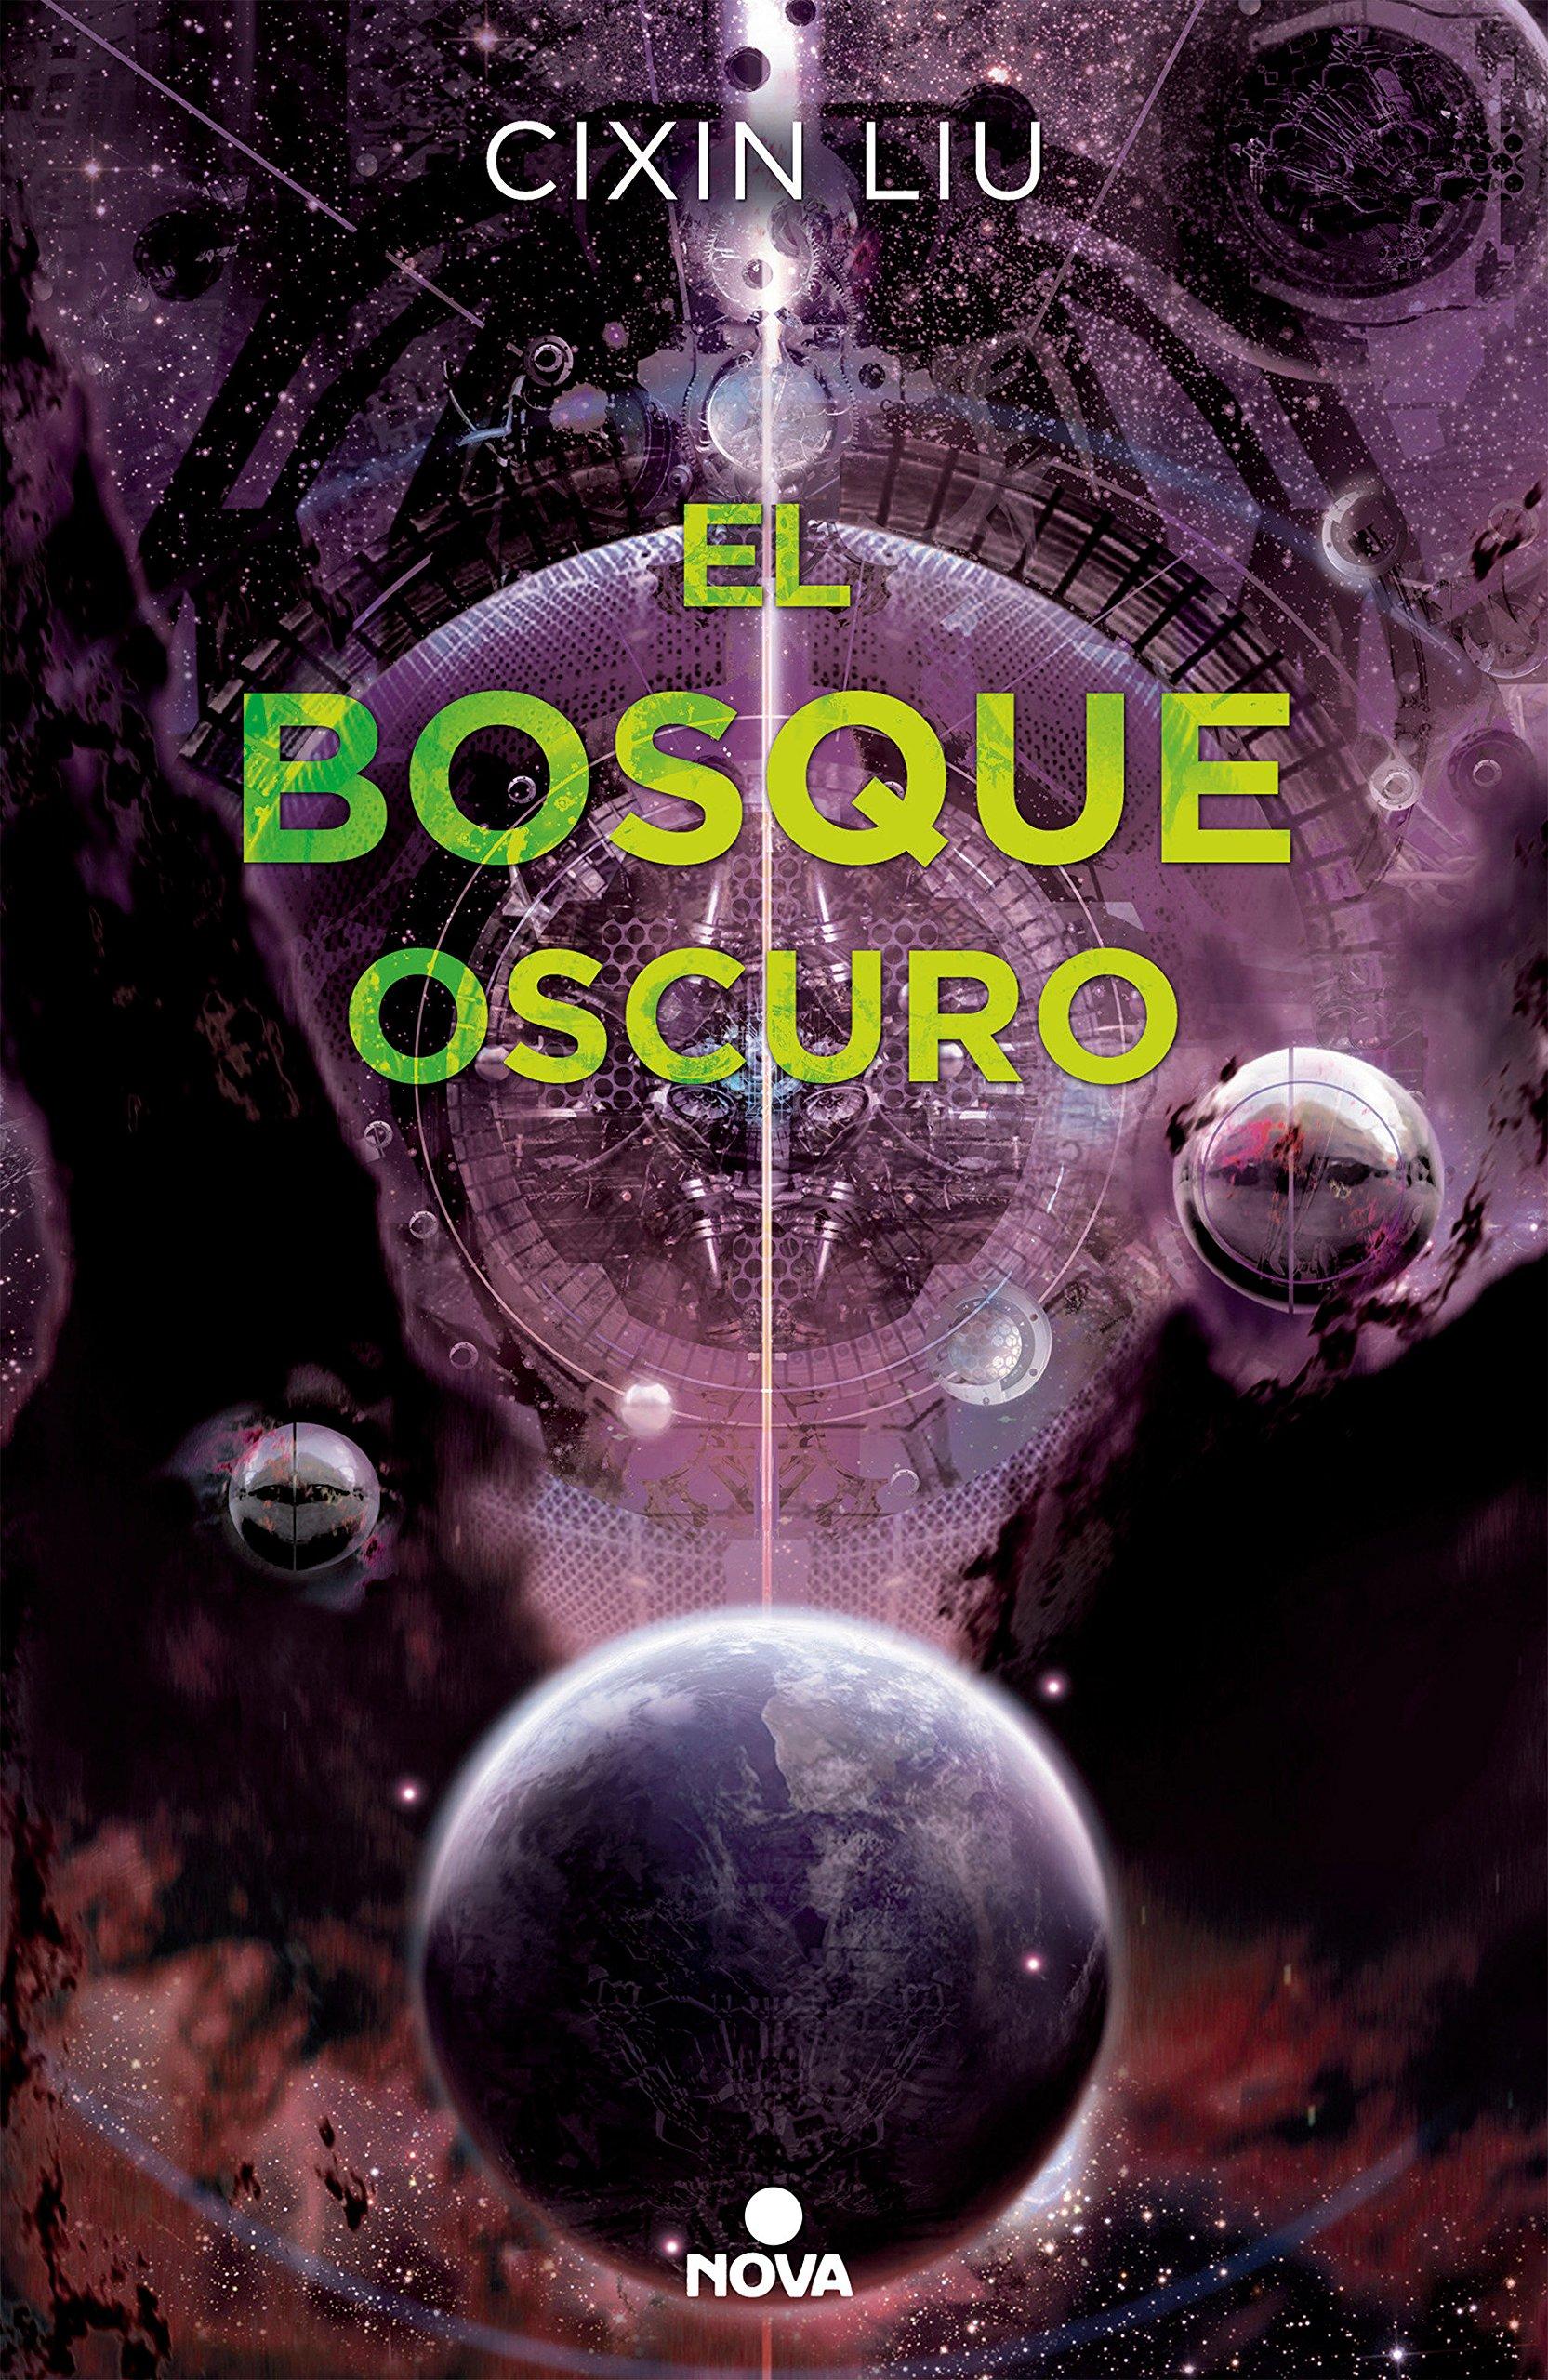 El bosque oscuro (Trilogía de los Tres Cuerpos 2) (NOVA) Tapa blanda – 20 sep 2017 Cixin Liu 8466660925 Ciencia-ficciaon Human-alien encounters